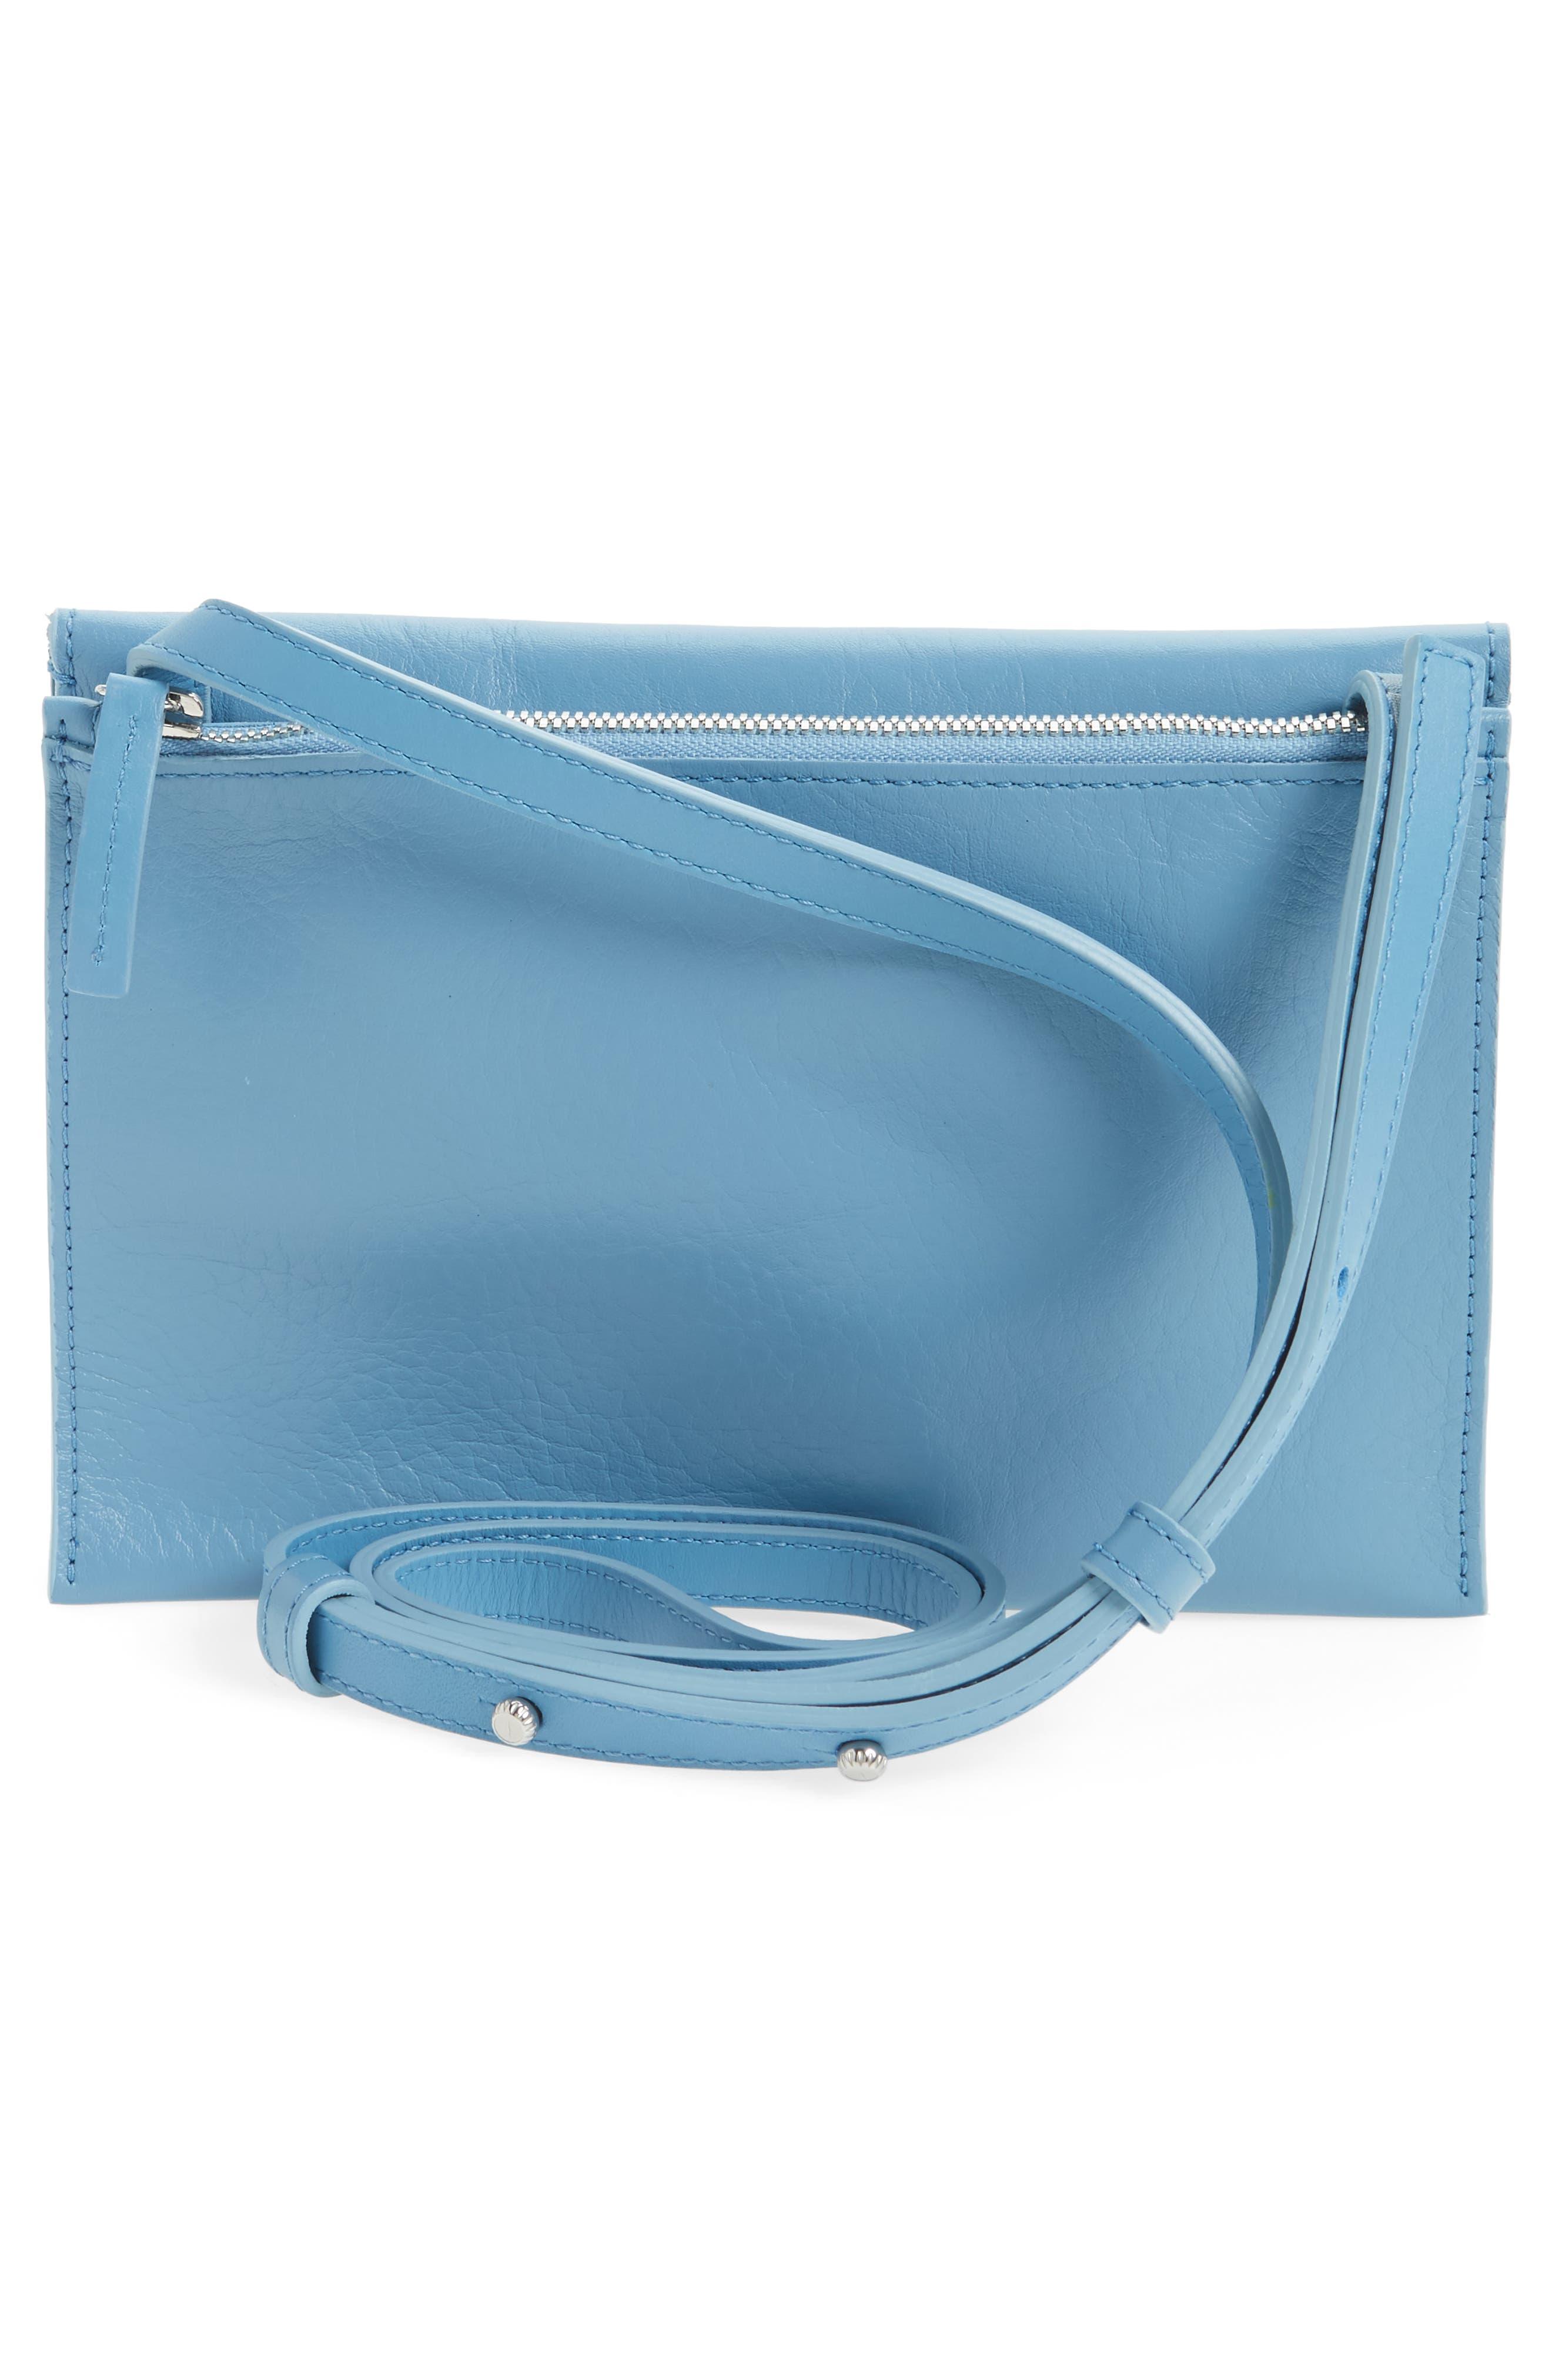 Alternate Image 3  - Shinola Crossbody Leather Bag